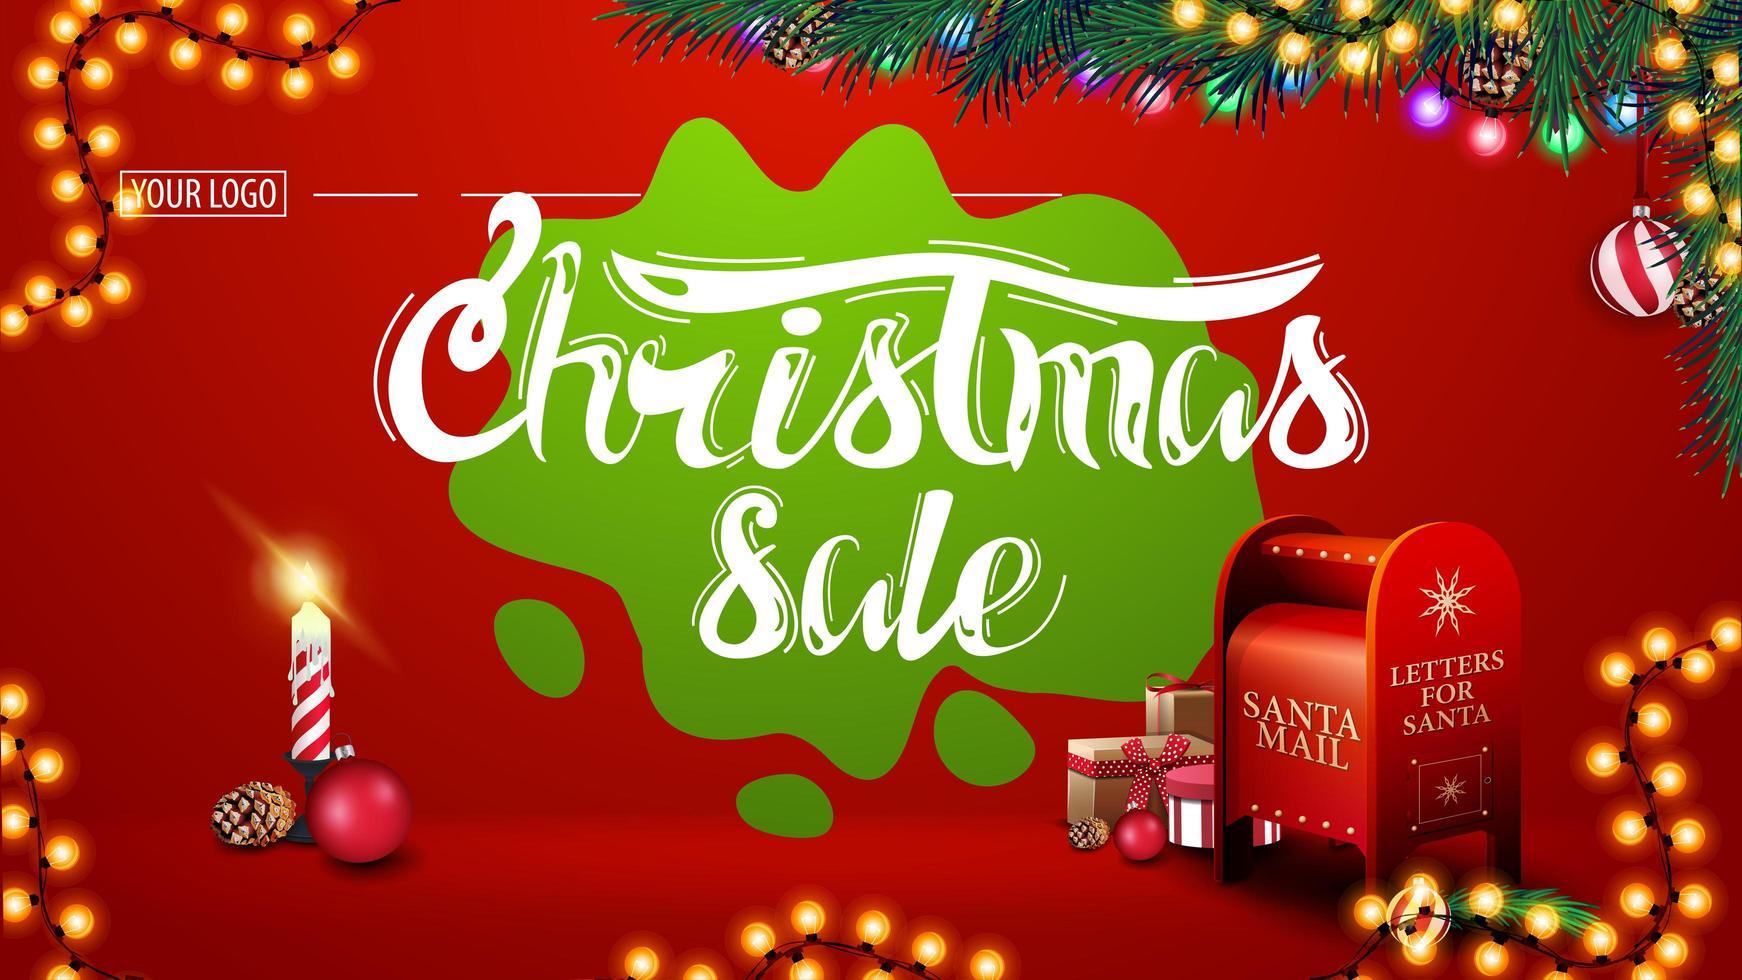 julförsäljning, modern röd rabattbanner med vackra bokstäver, kransar, grön fläck, julgransträd, ljus och santa brevlåda med presenter vektor